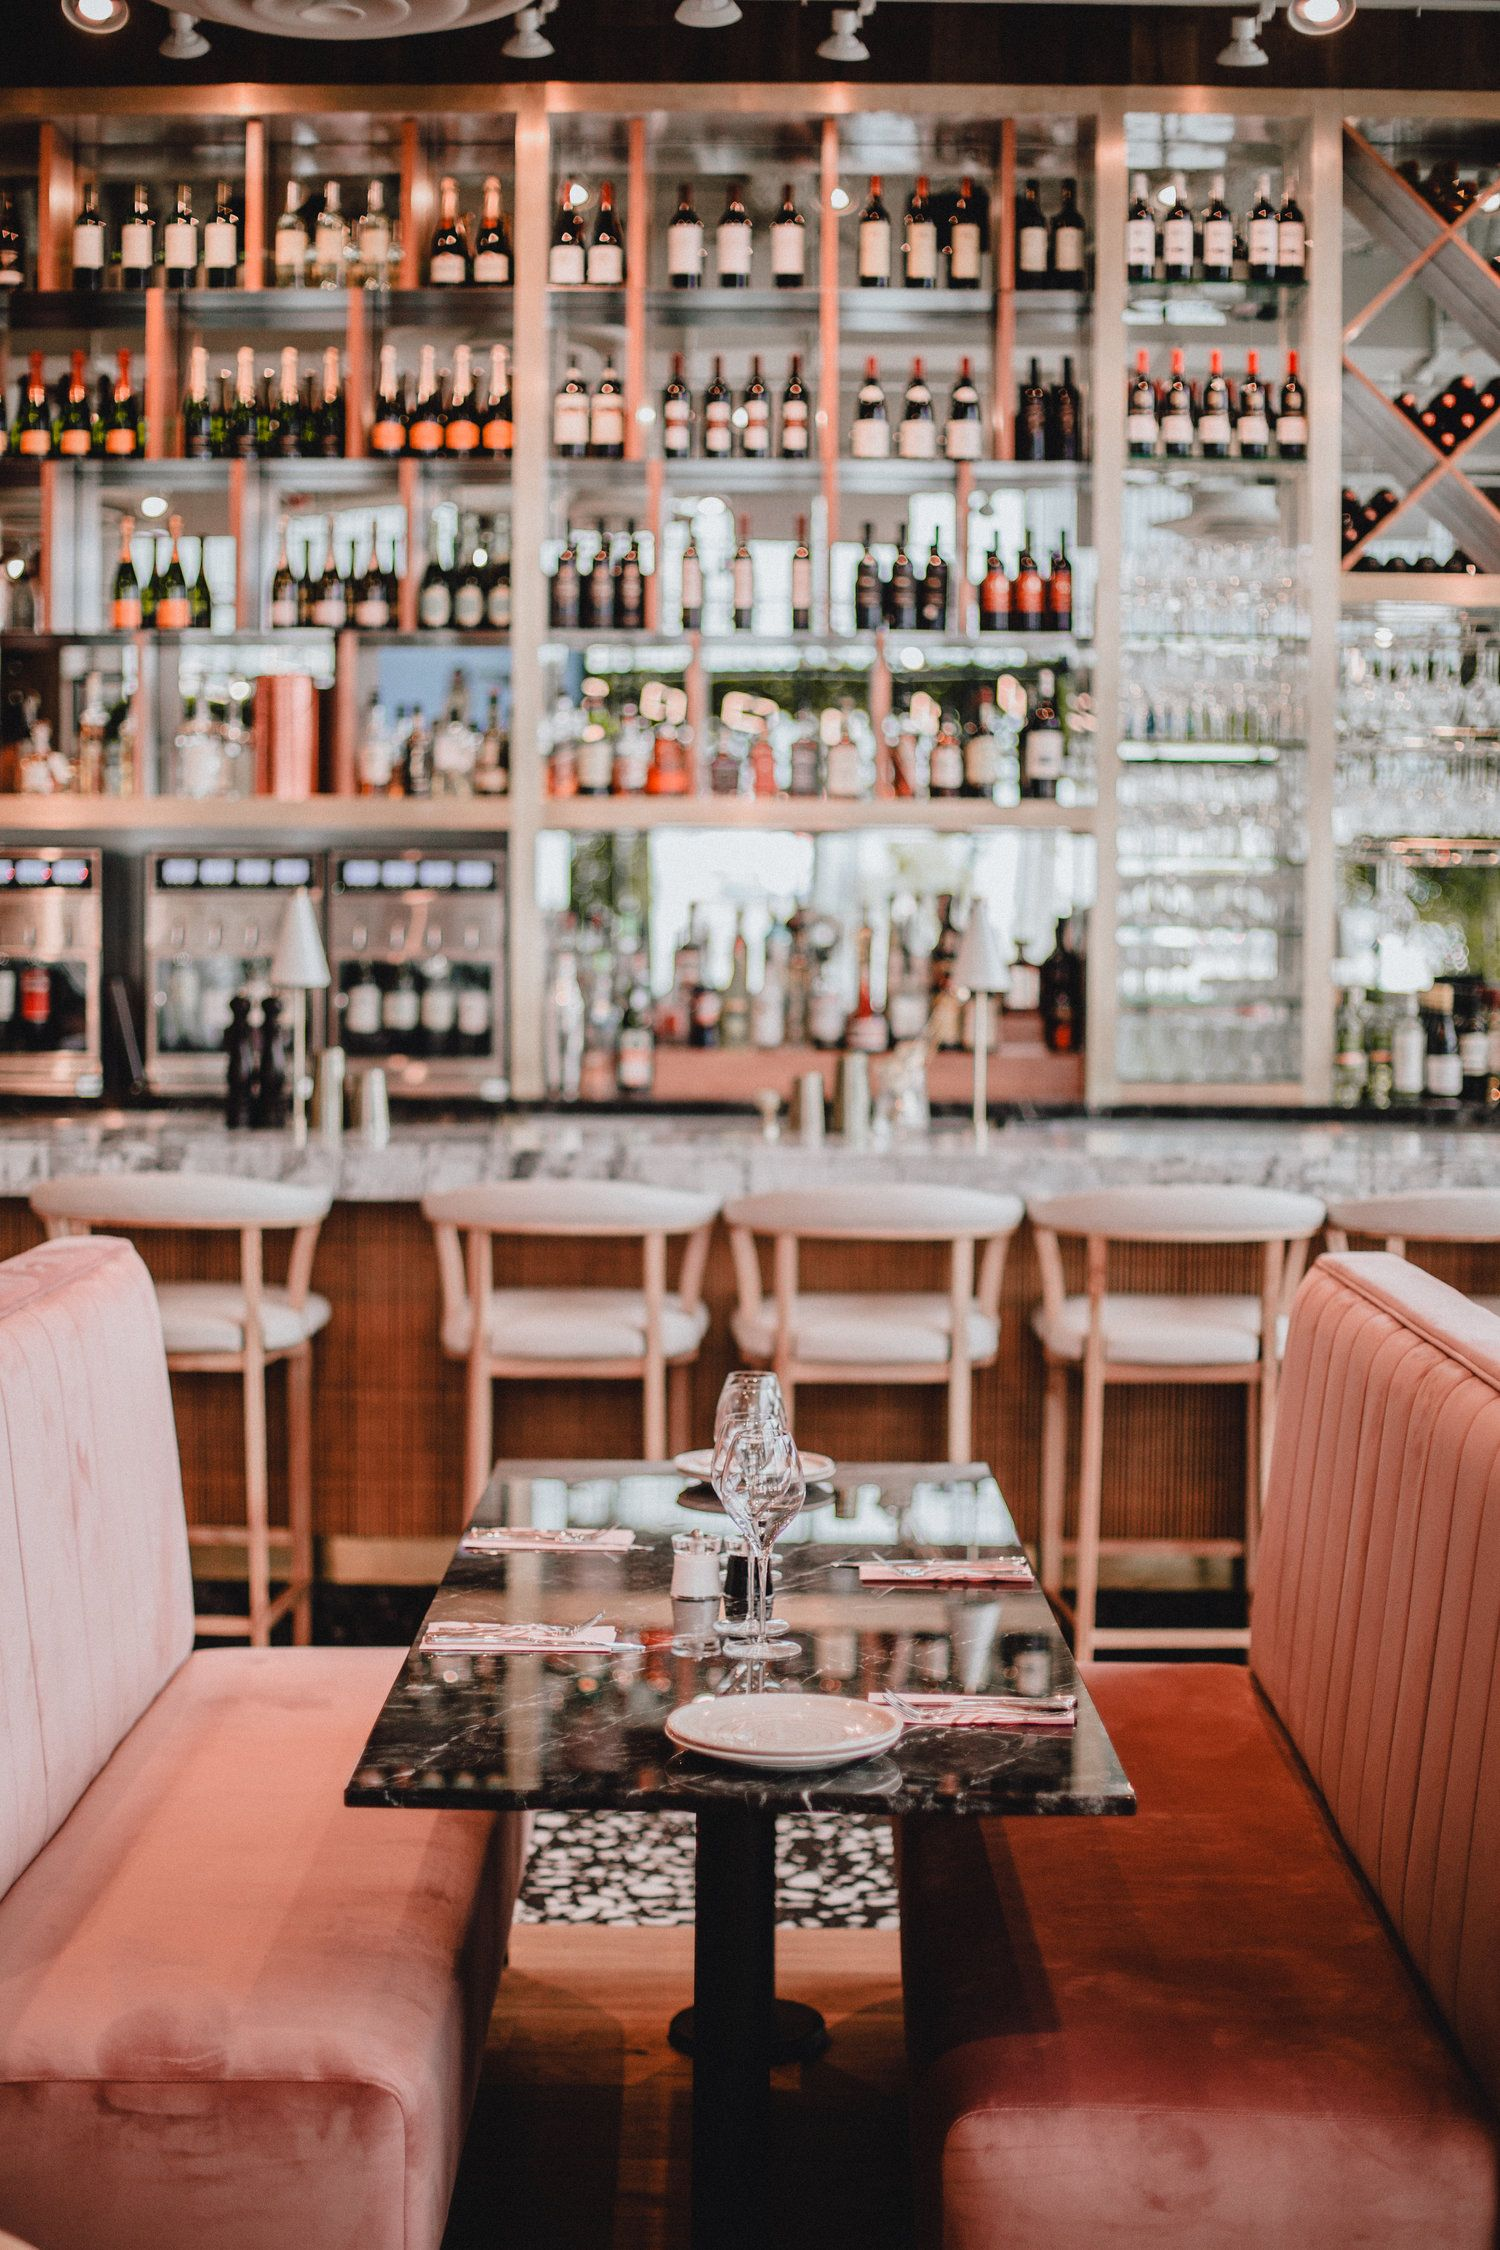 Interior Design In The New Italian Restaurant Gatto Matto In Laval